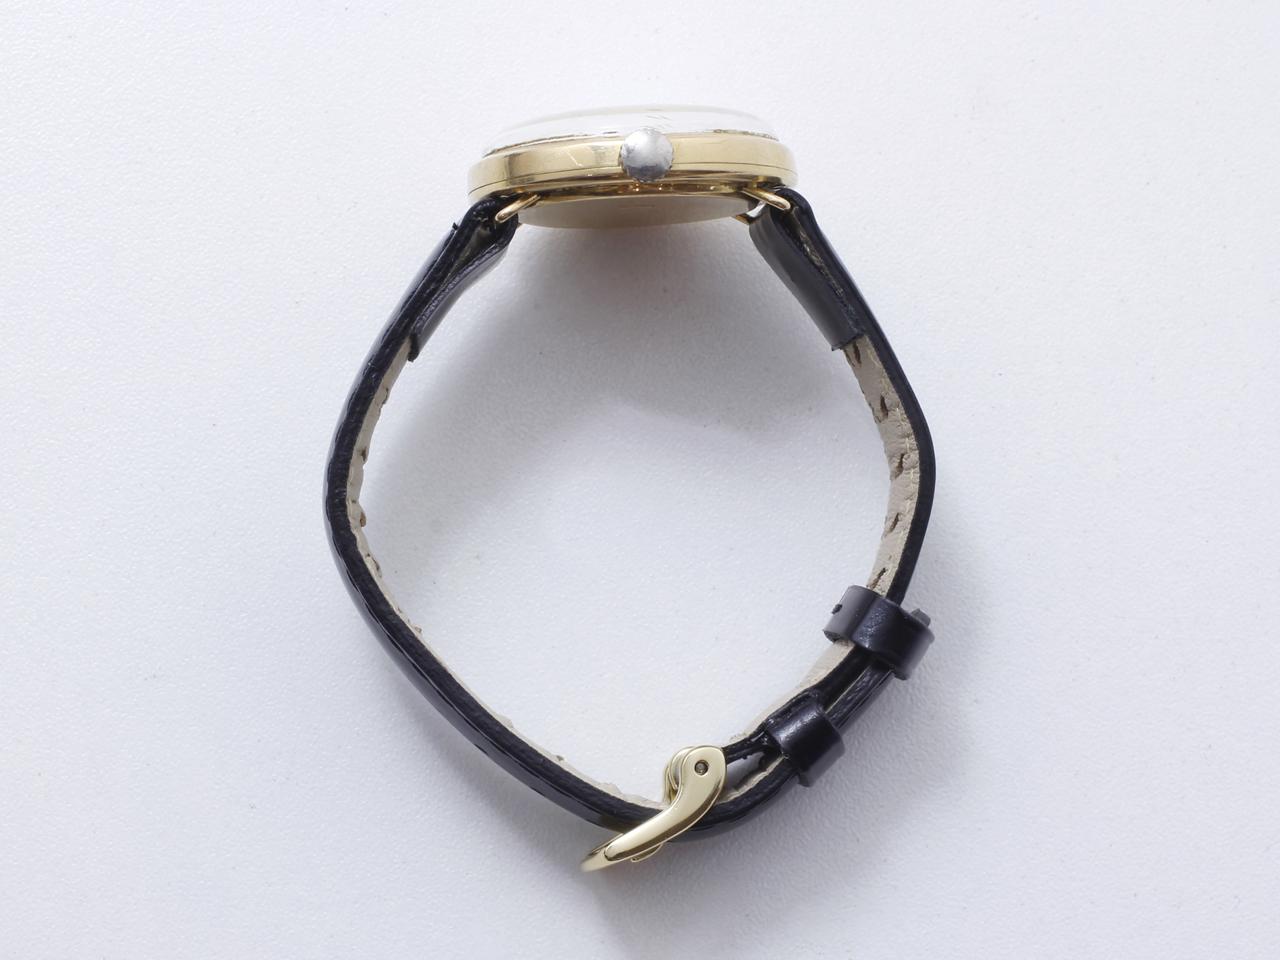 Lot 50 - Montre bracelet d'homme en or 750 millièmes, cadran ivoire avec index appliqués, [...]